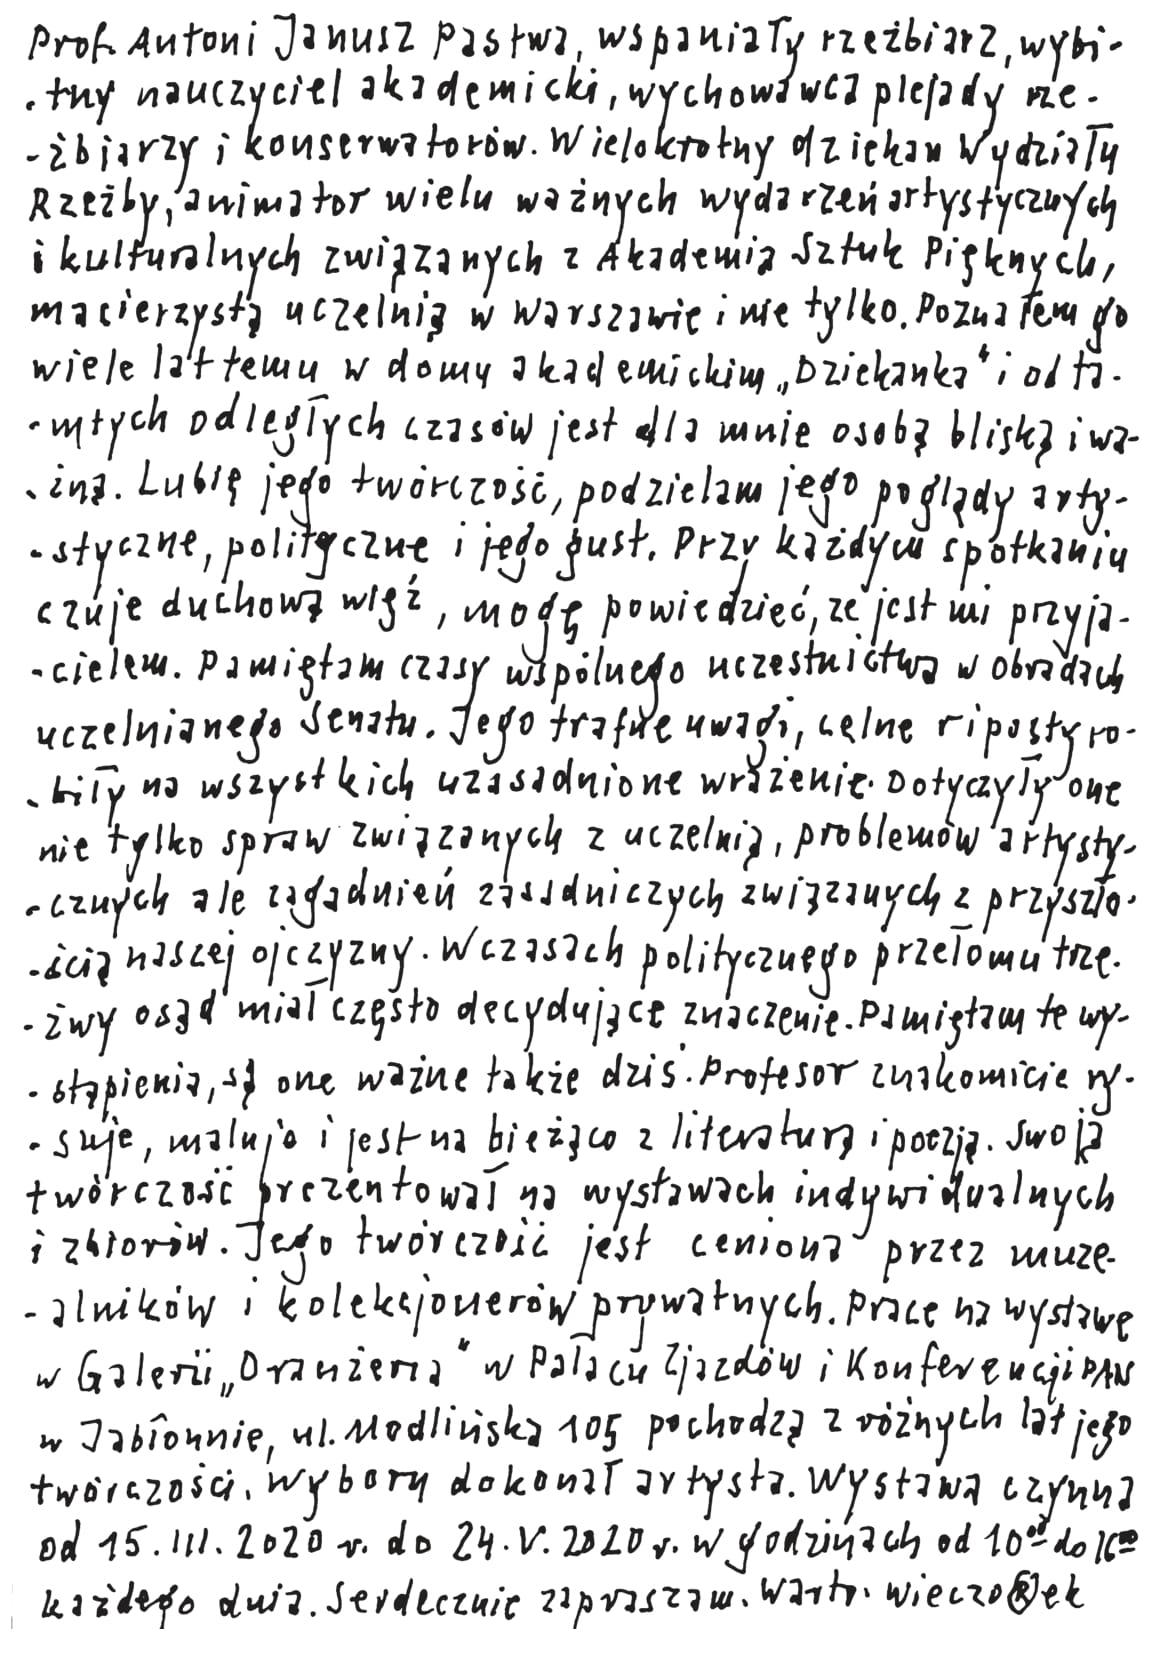 zaproszenie, strona 2